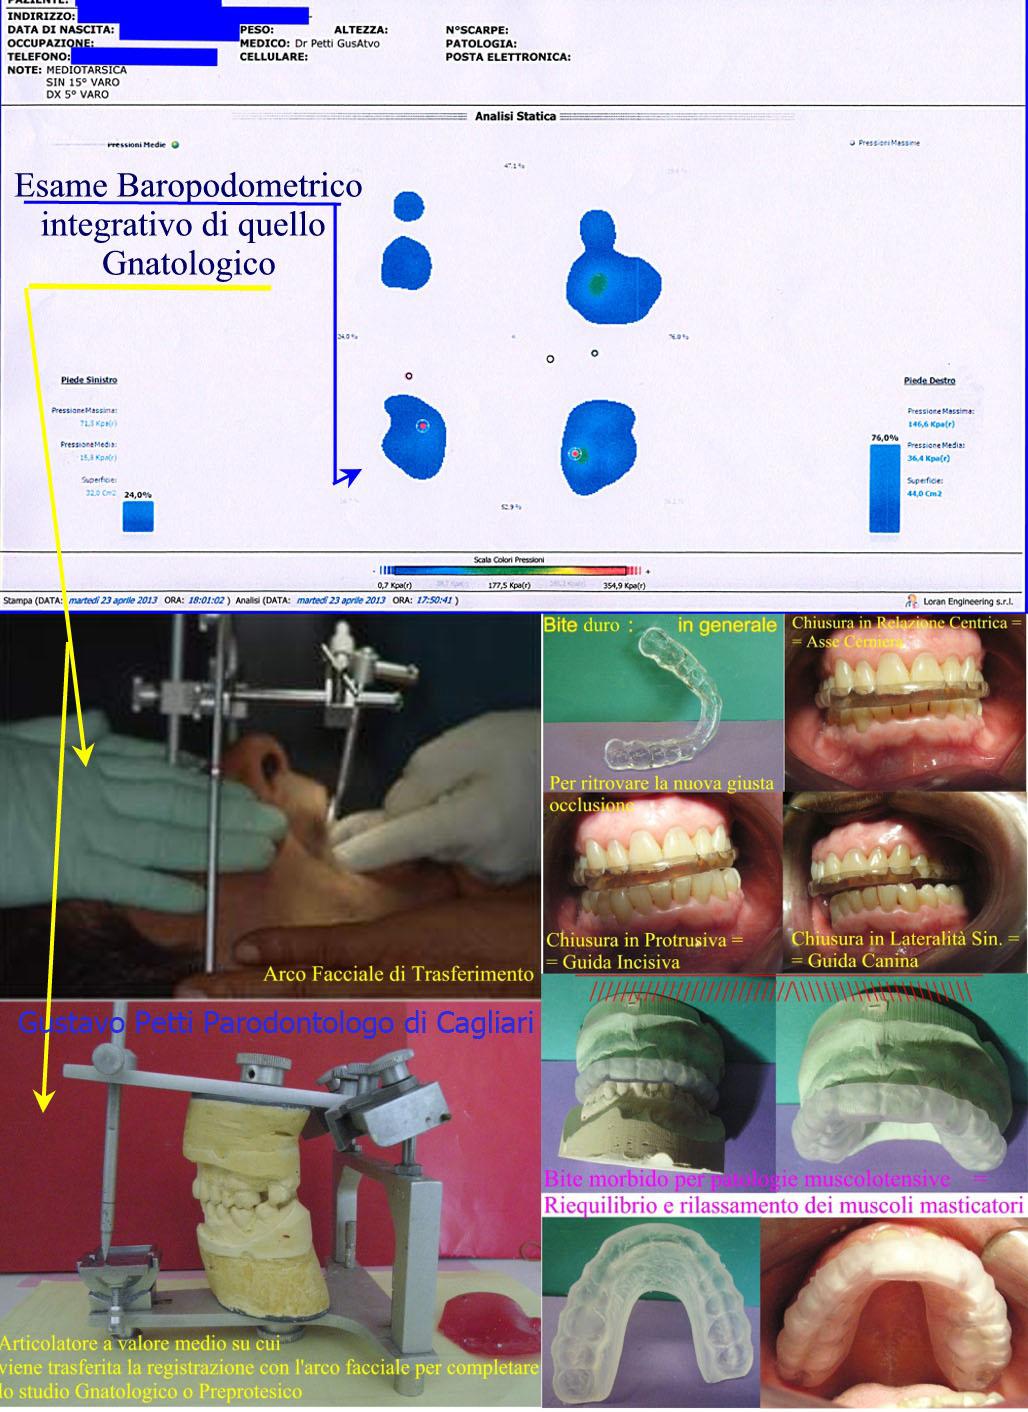 analisi-gnatologica-dr-g.petti-cagliari-711.jpg